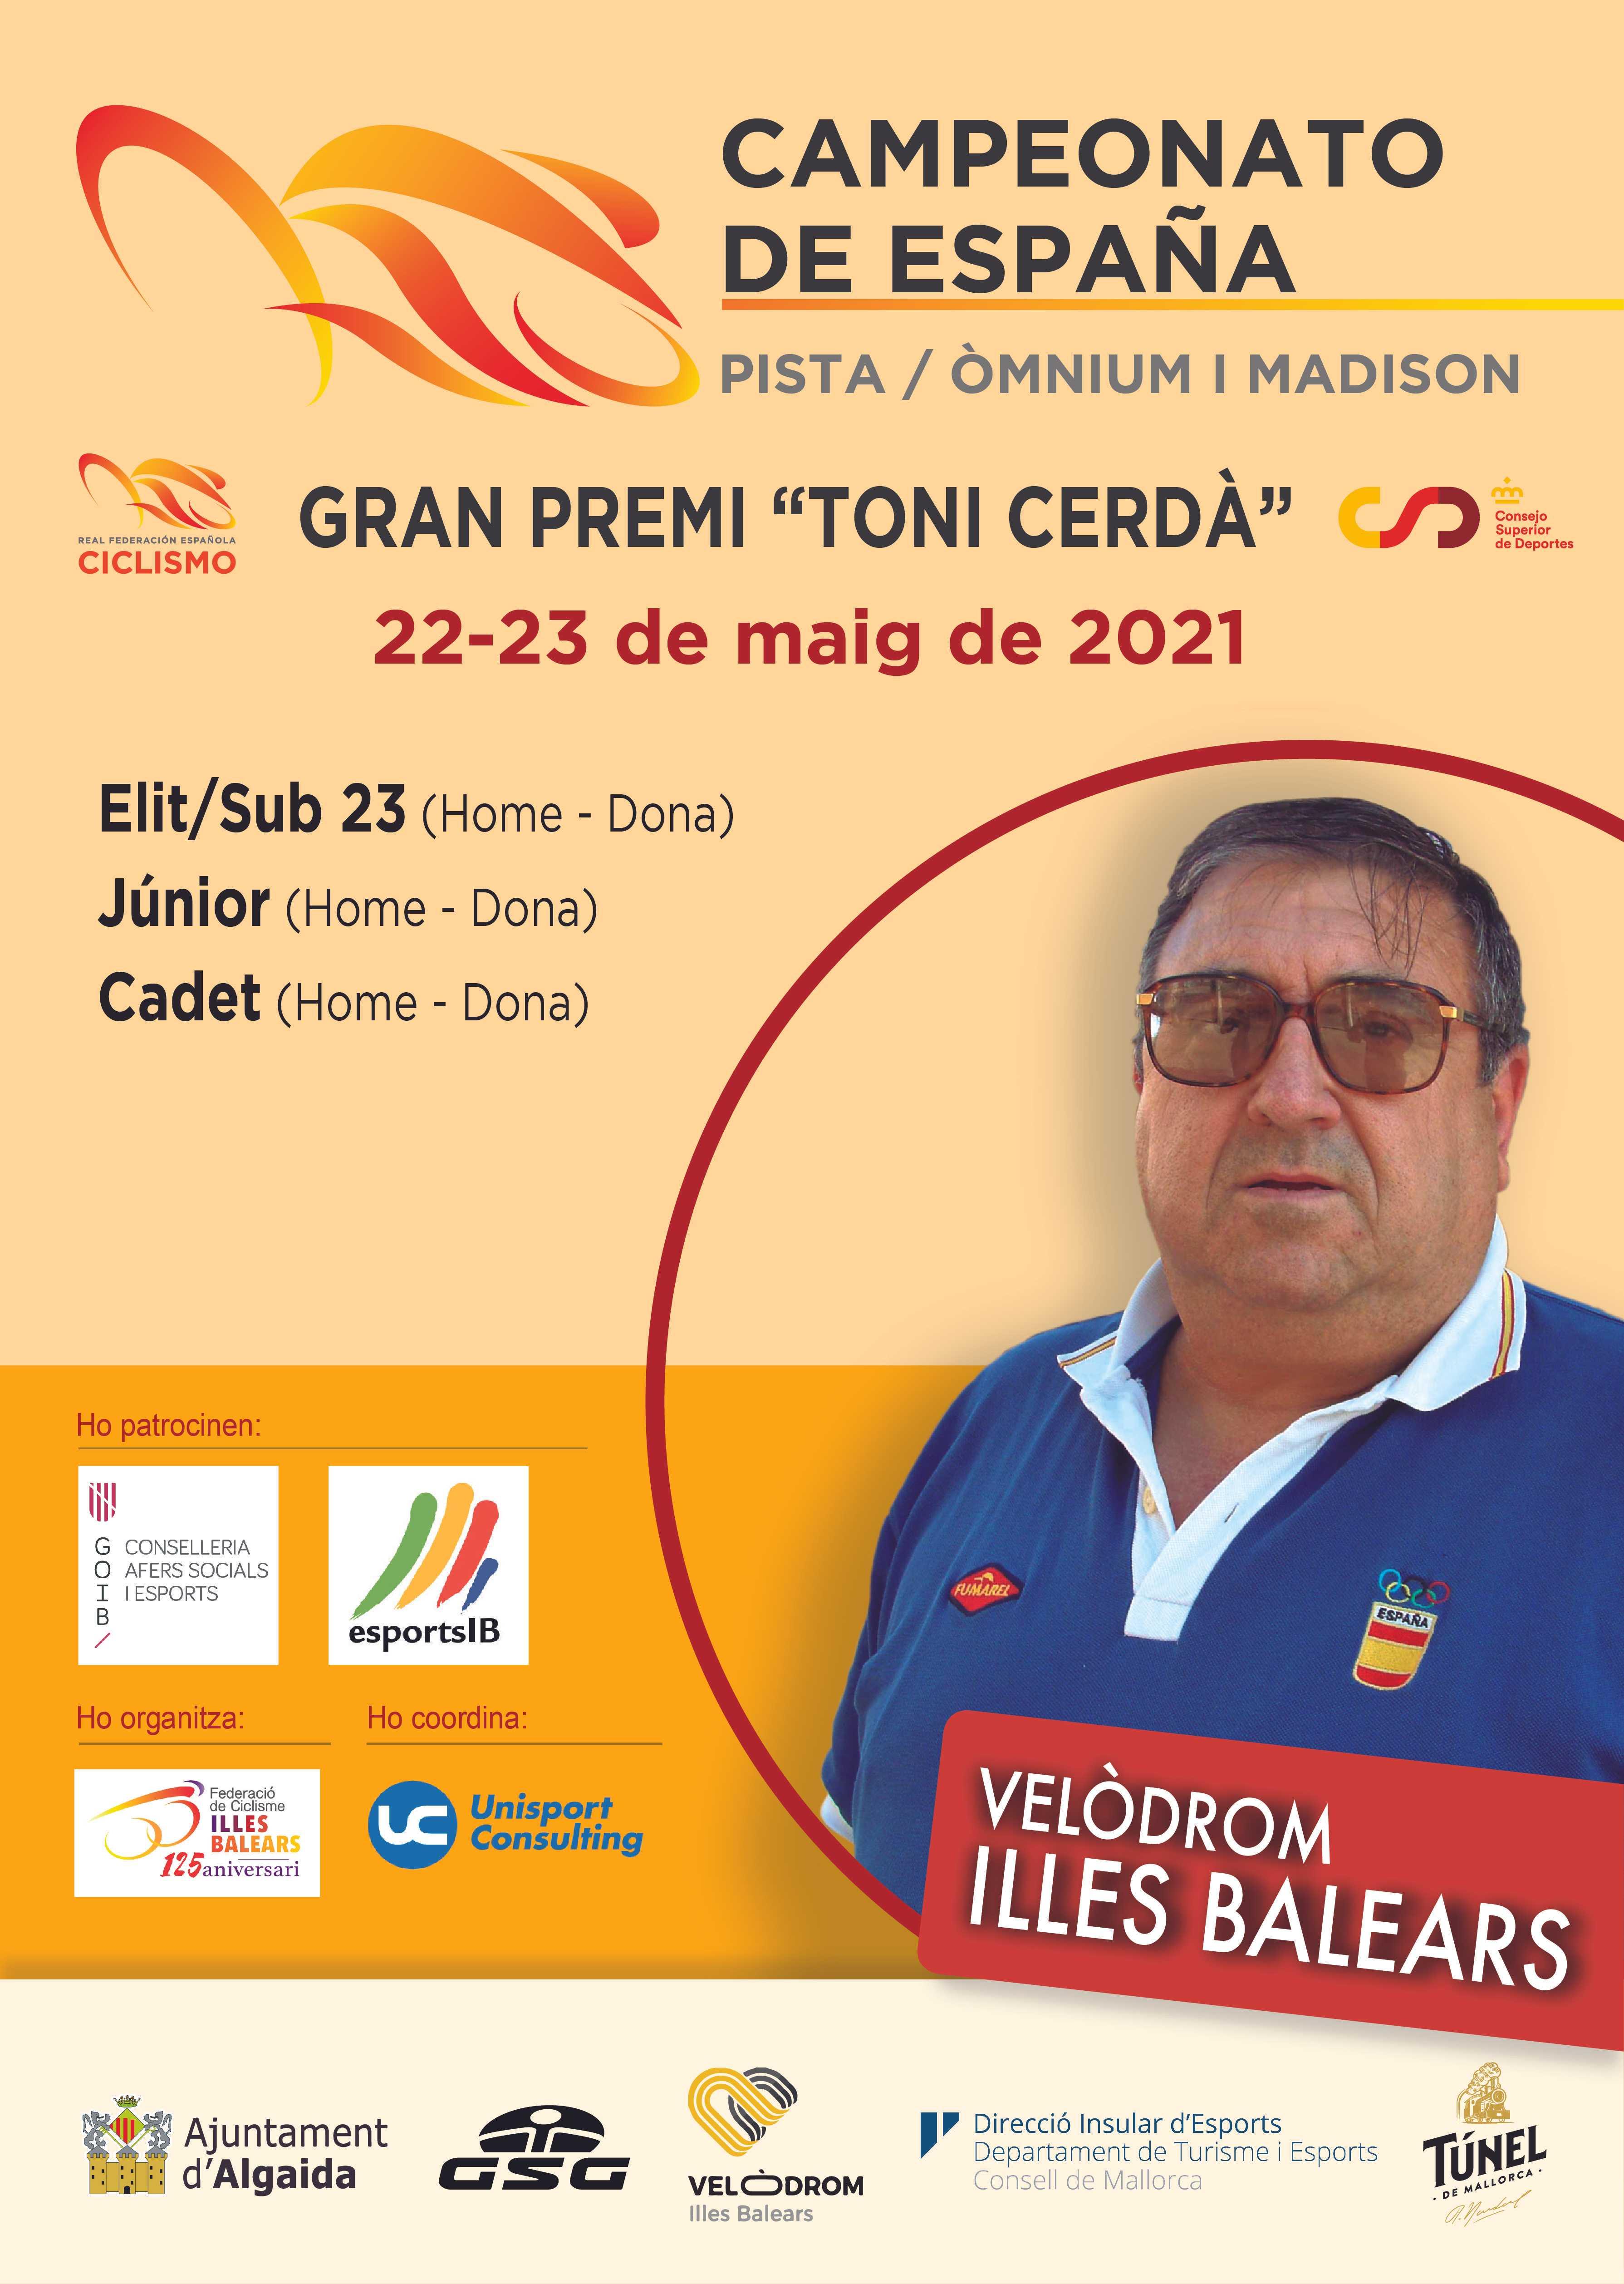 Convocatoria de la Selección Andaluza para los Campeonato de España de Pista Madison y Omnium 2021